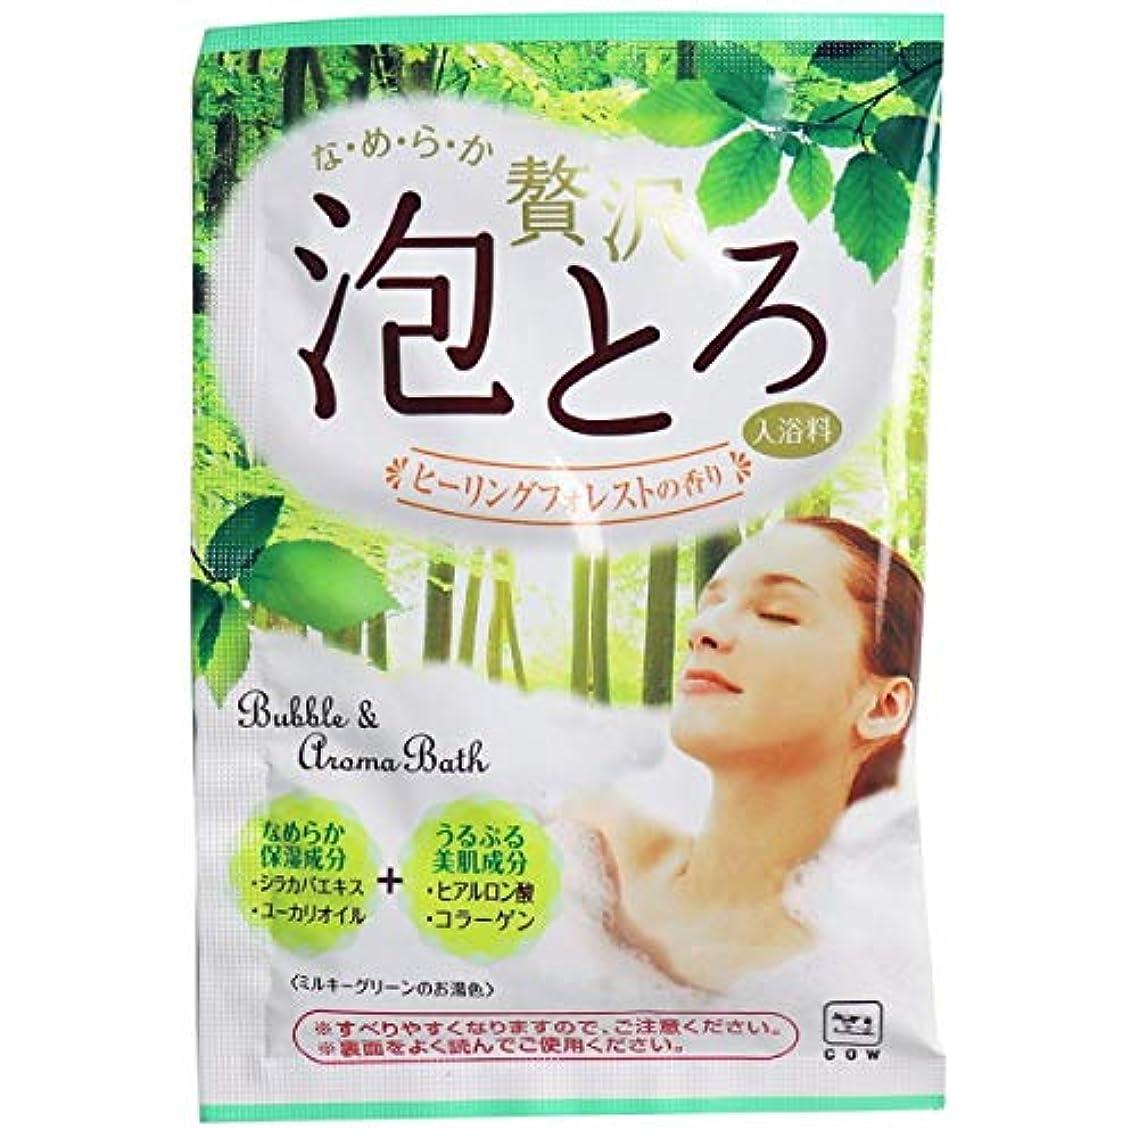 尊敬洗剤粘液牛乳石鹸 お湯物語 贅沢泡とろ 入浴料 ヒーリングフォレスト30g 16個セット